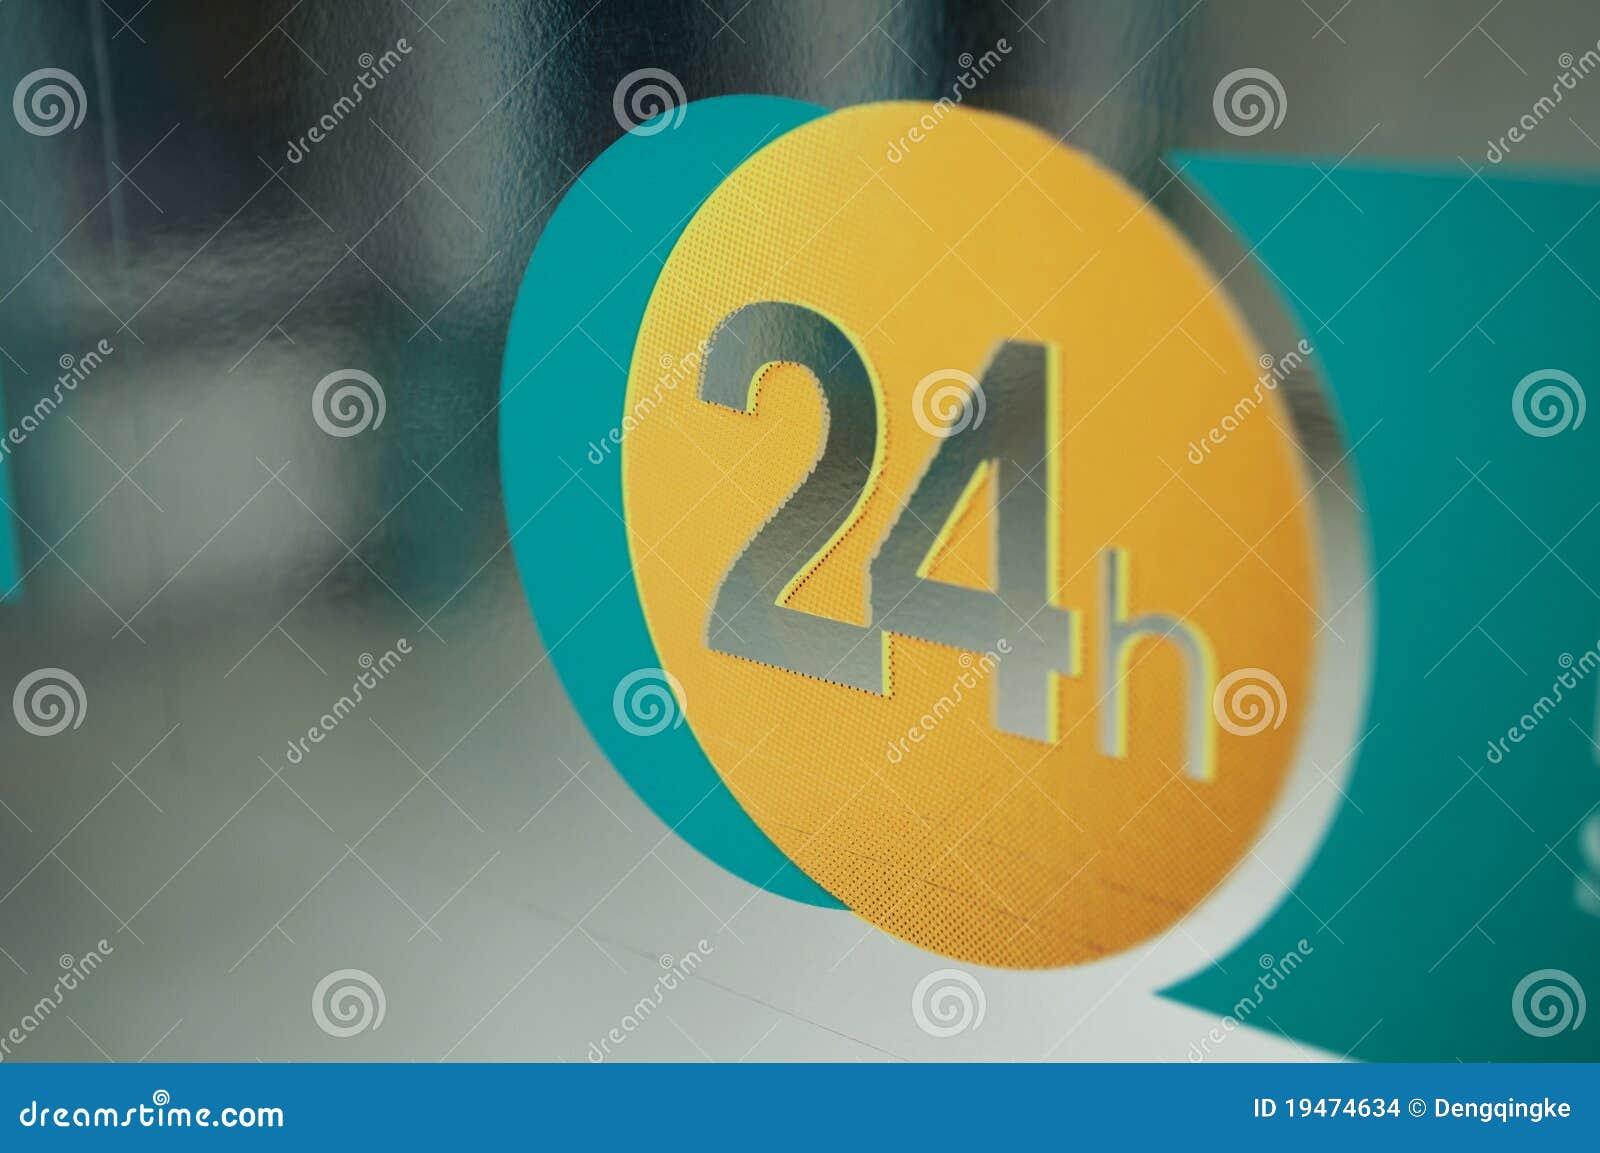 24 godzina